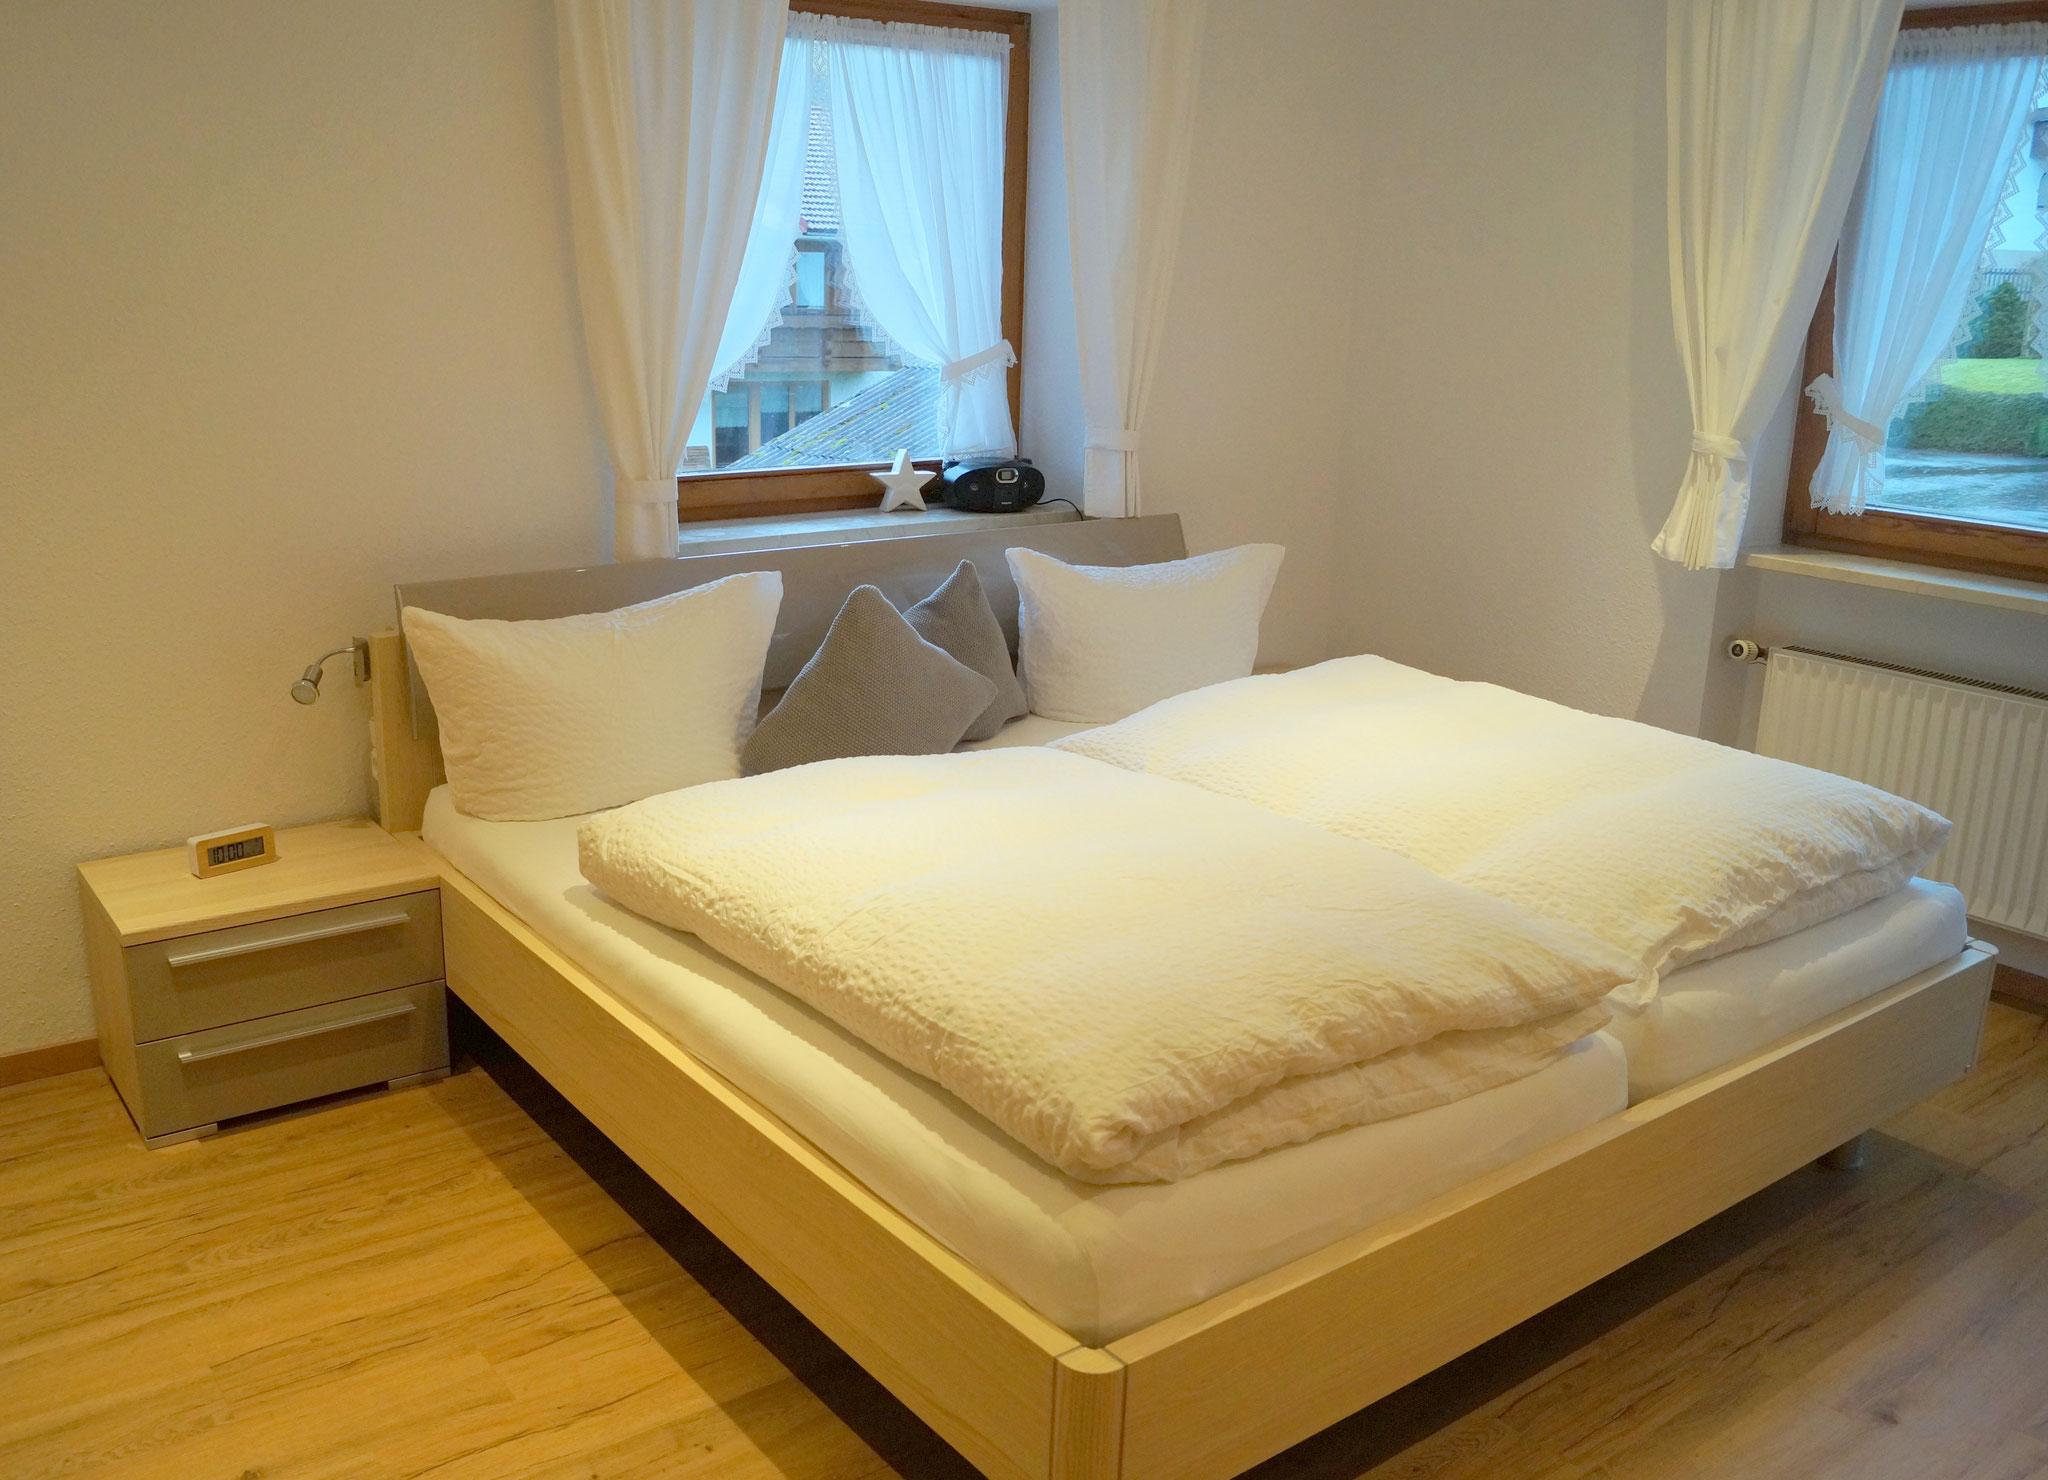 Großes Bett 2 x 2 m